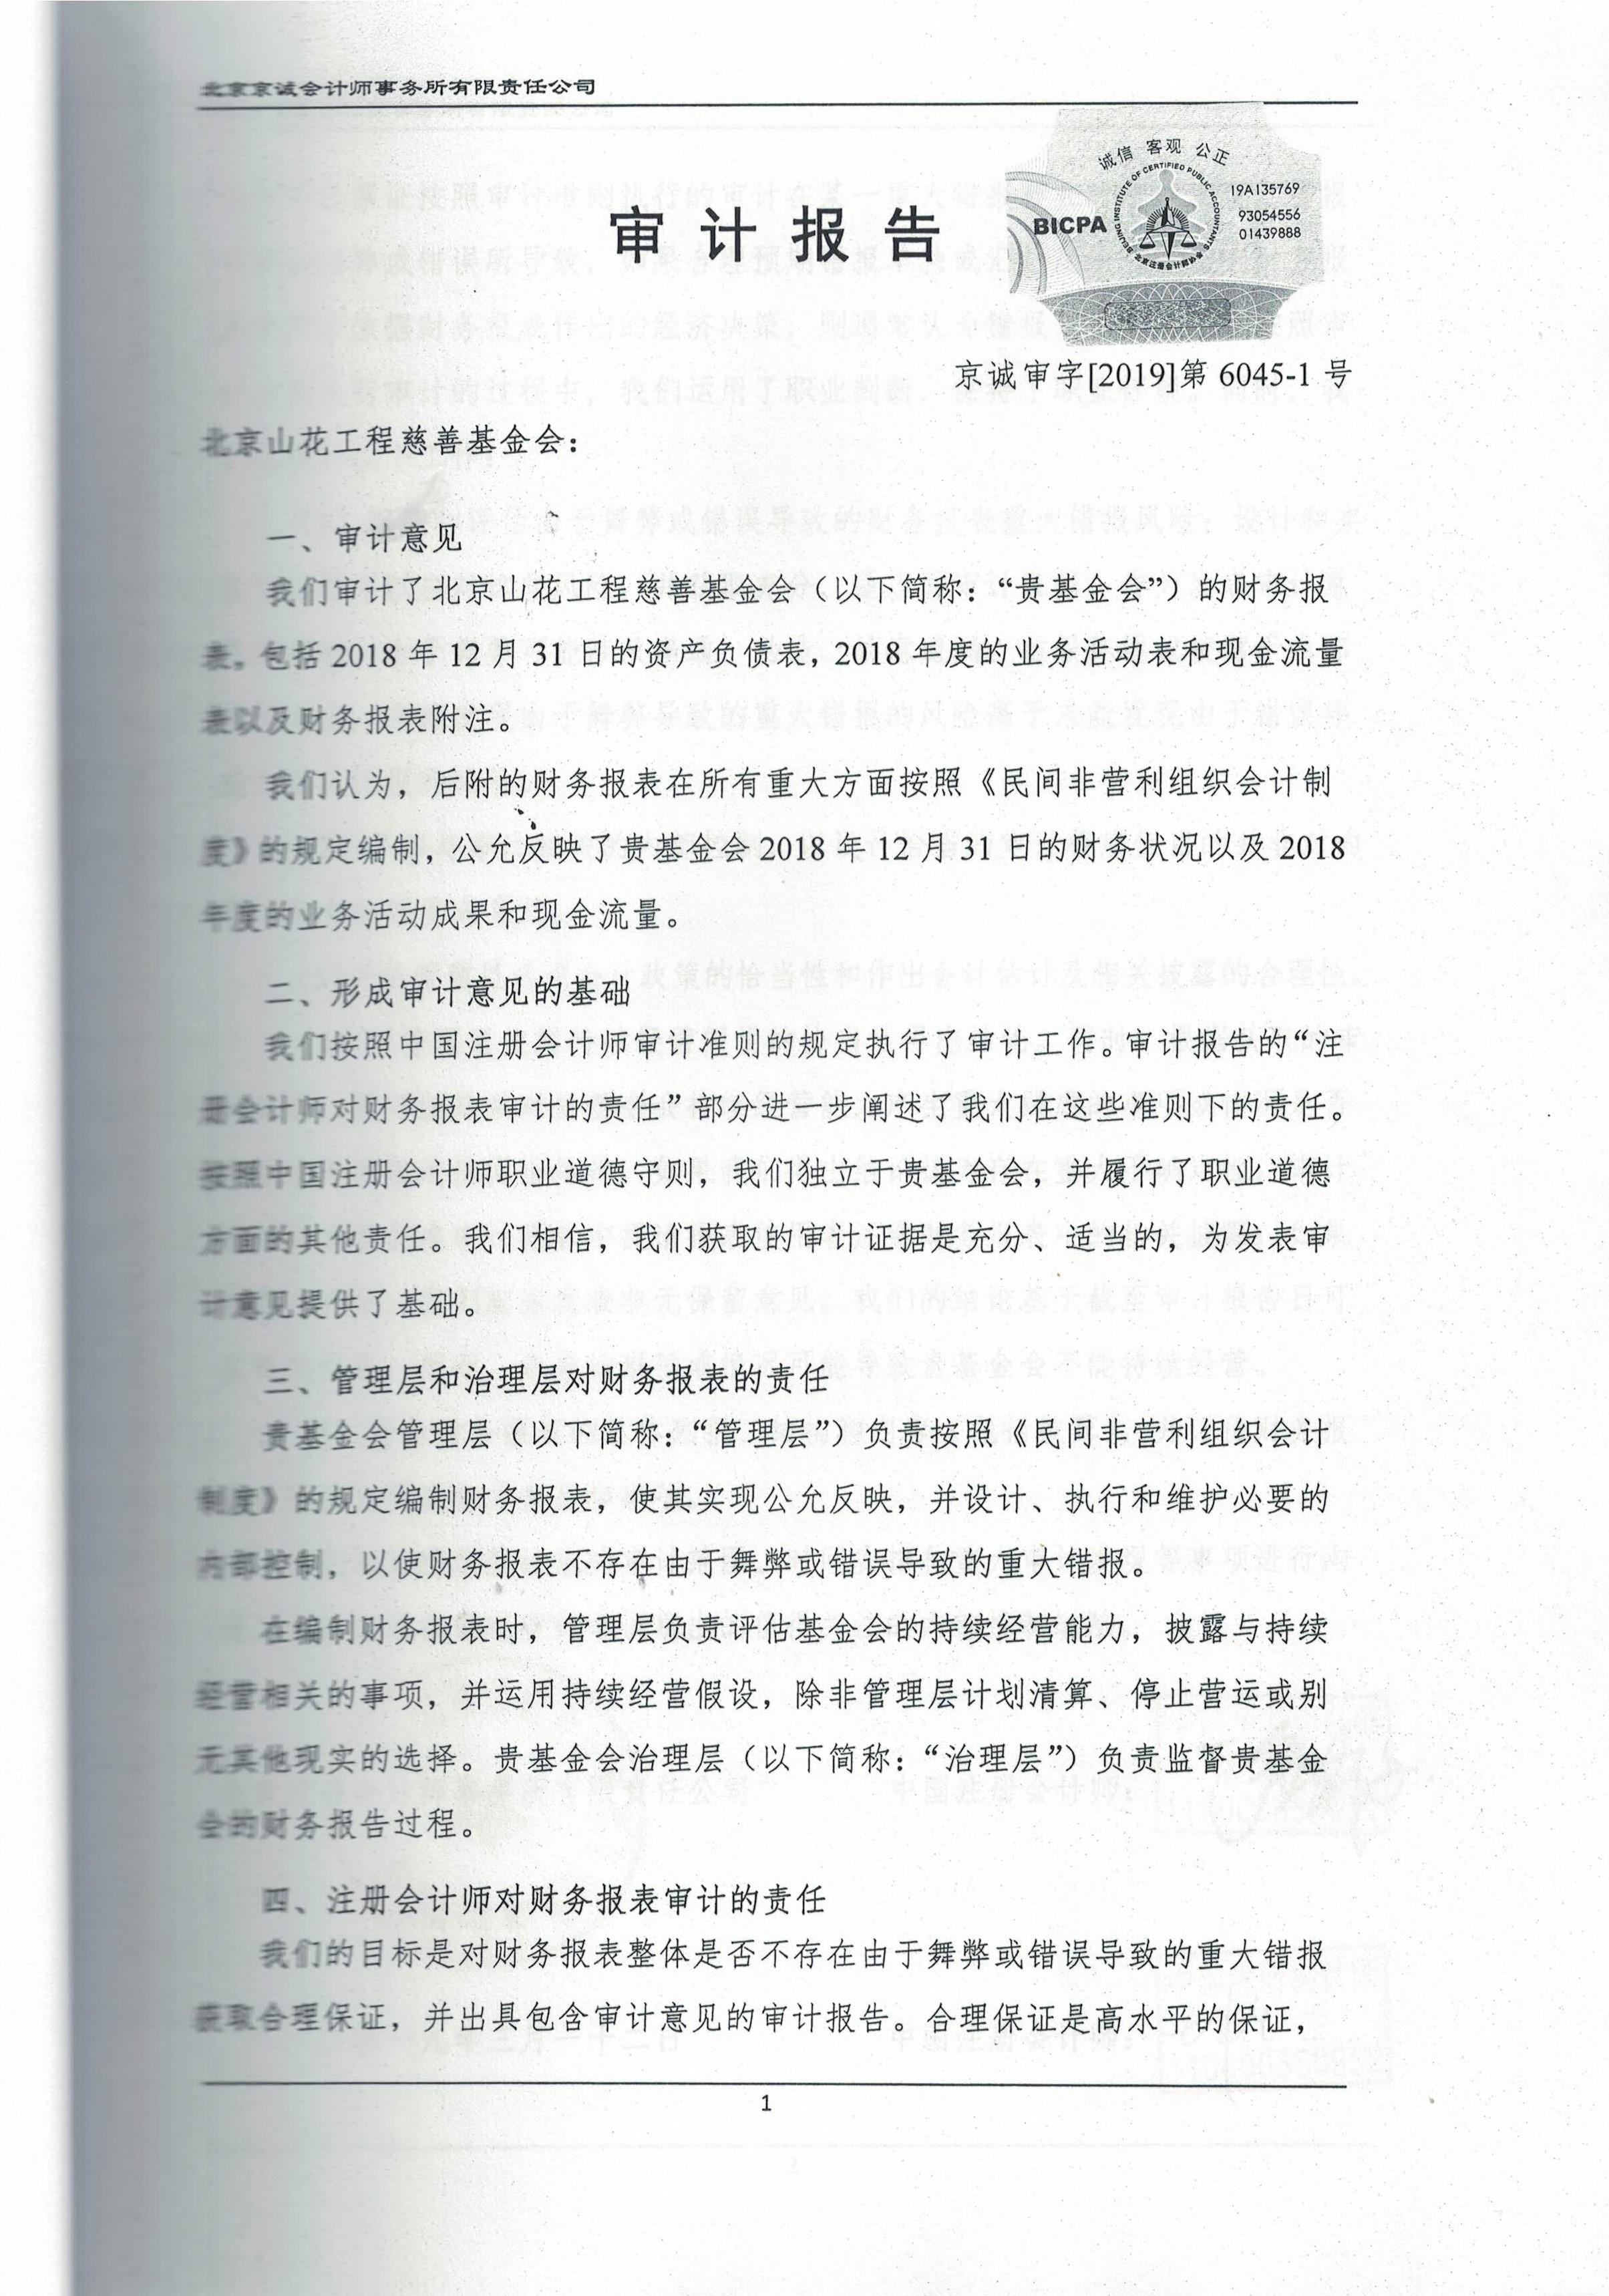 2018审计报告_页面_03